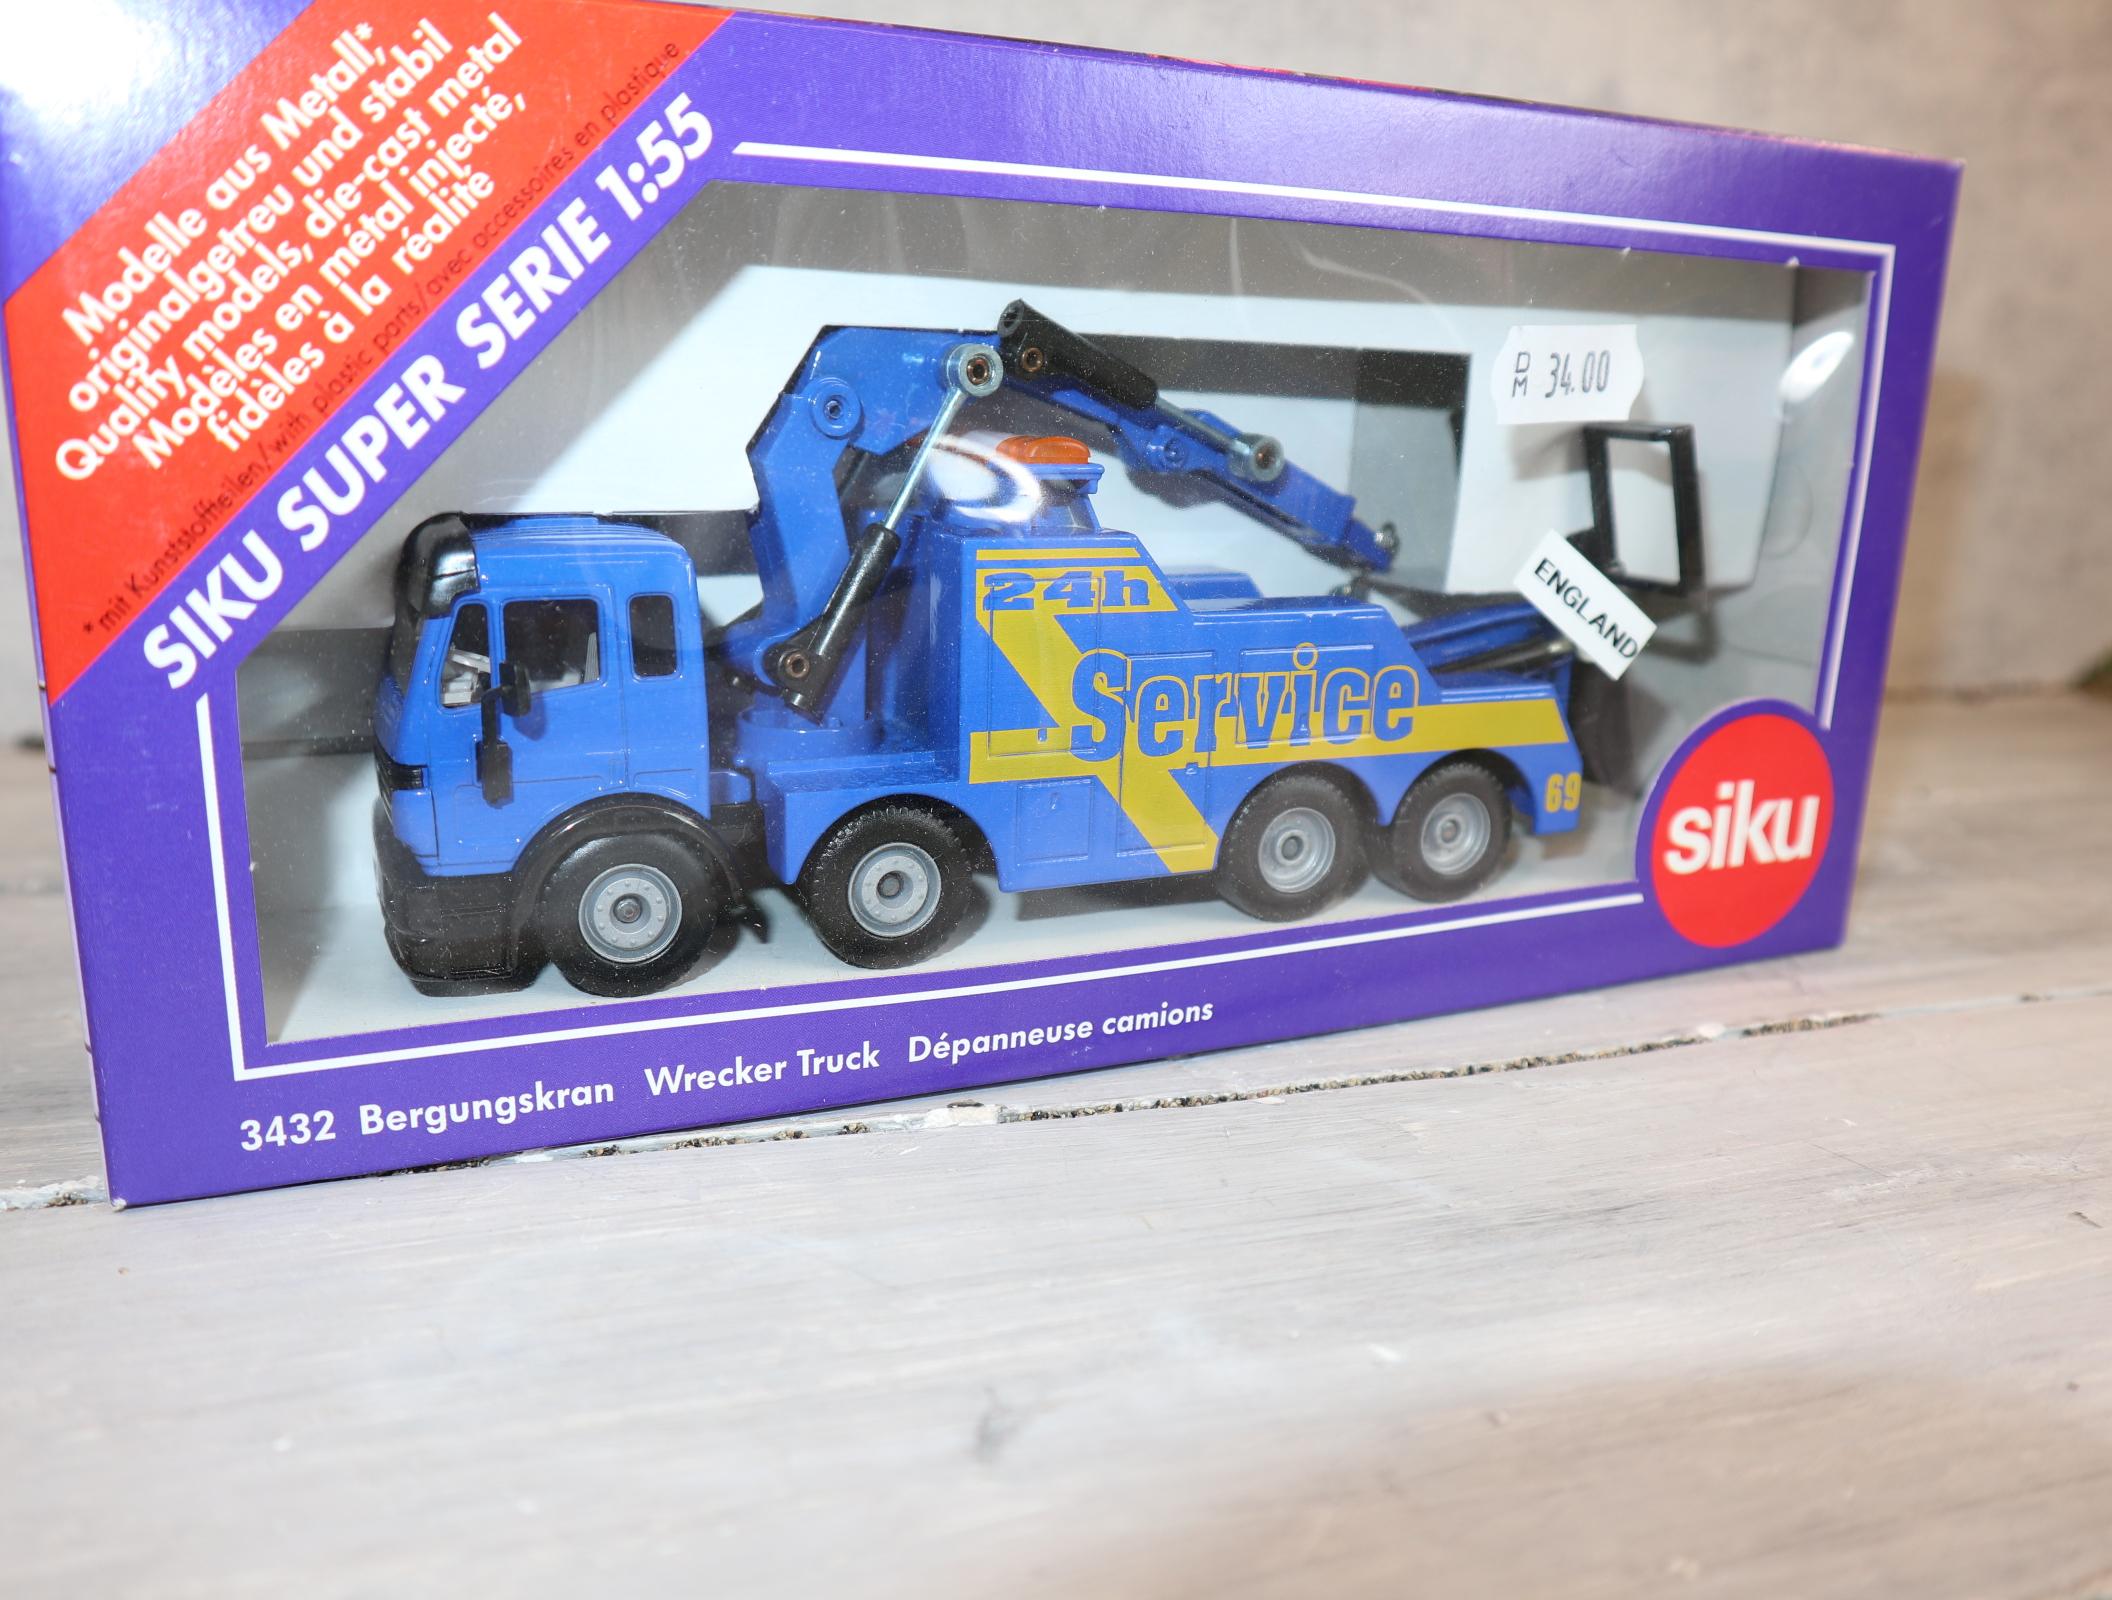 Siku 3432 in 1:55 Bergungskran BLAU 24h Service Sondermodell aus England